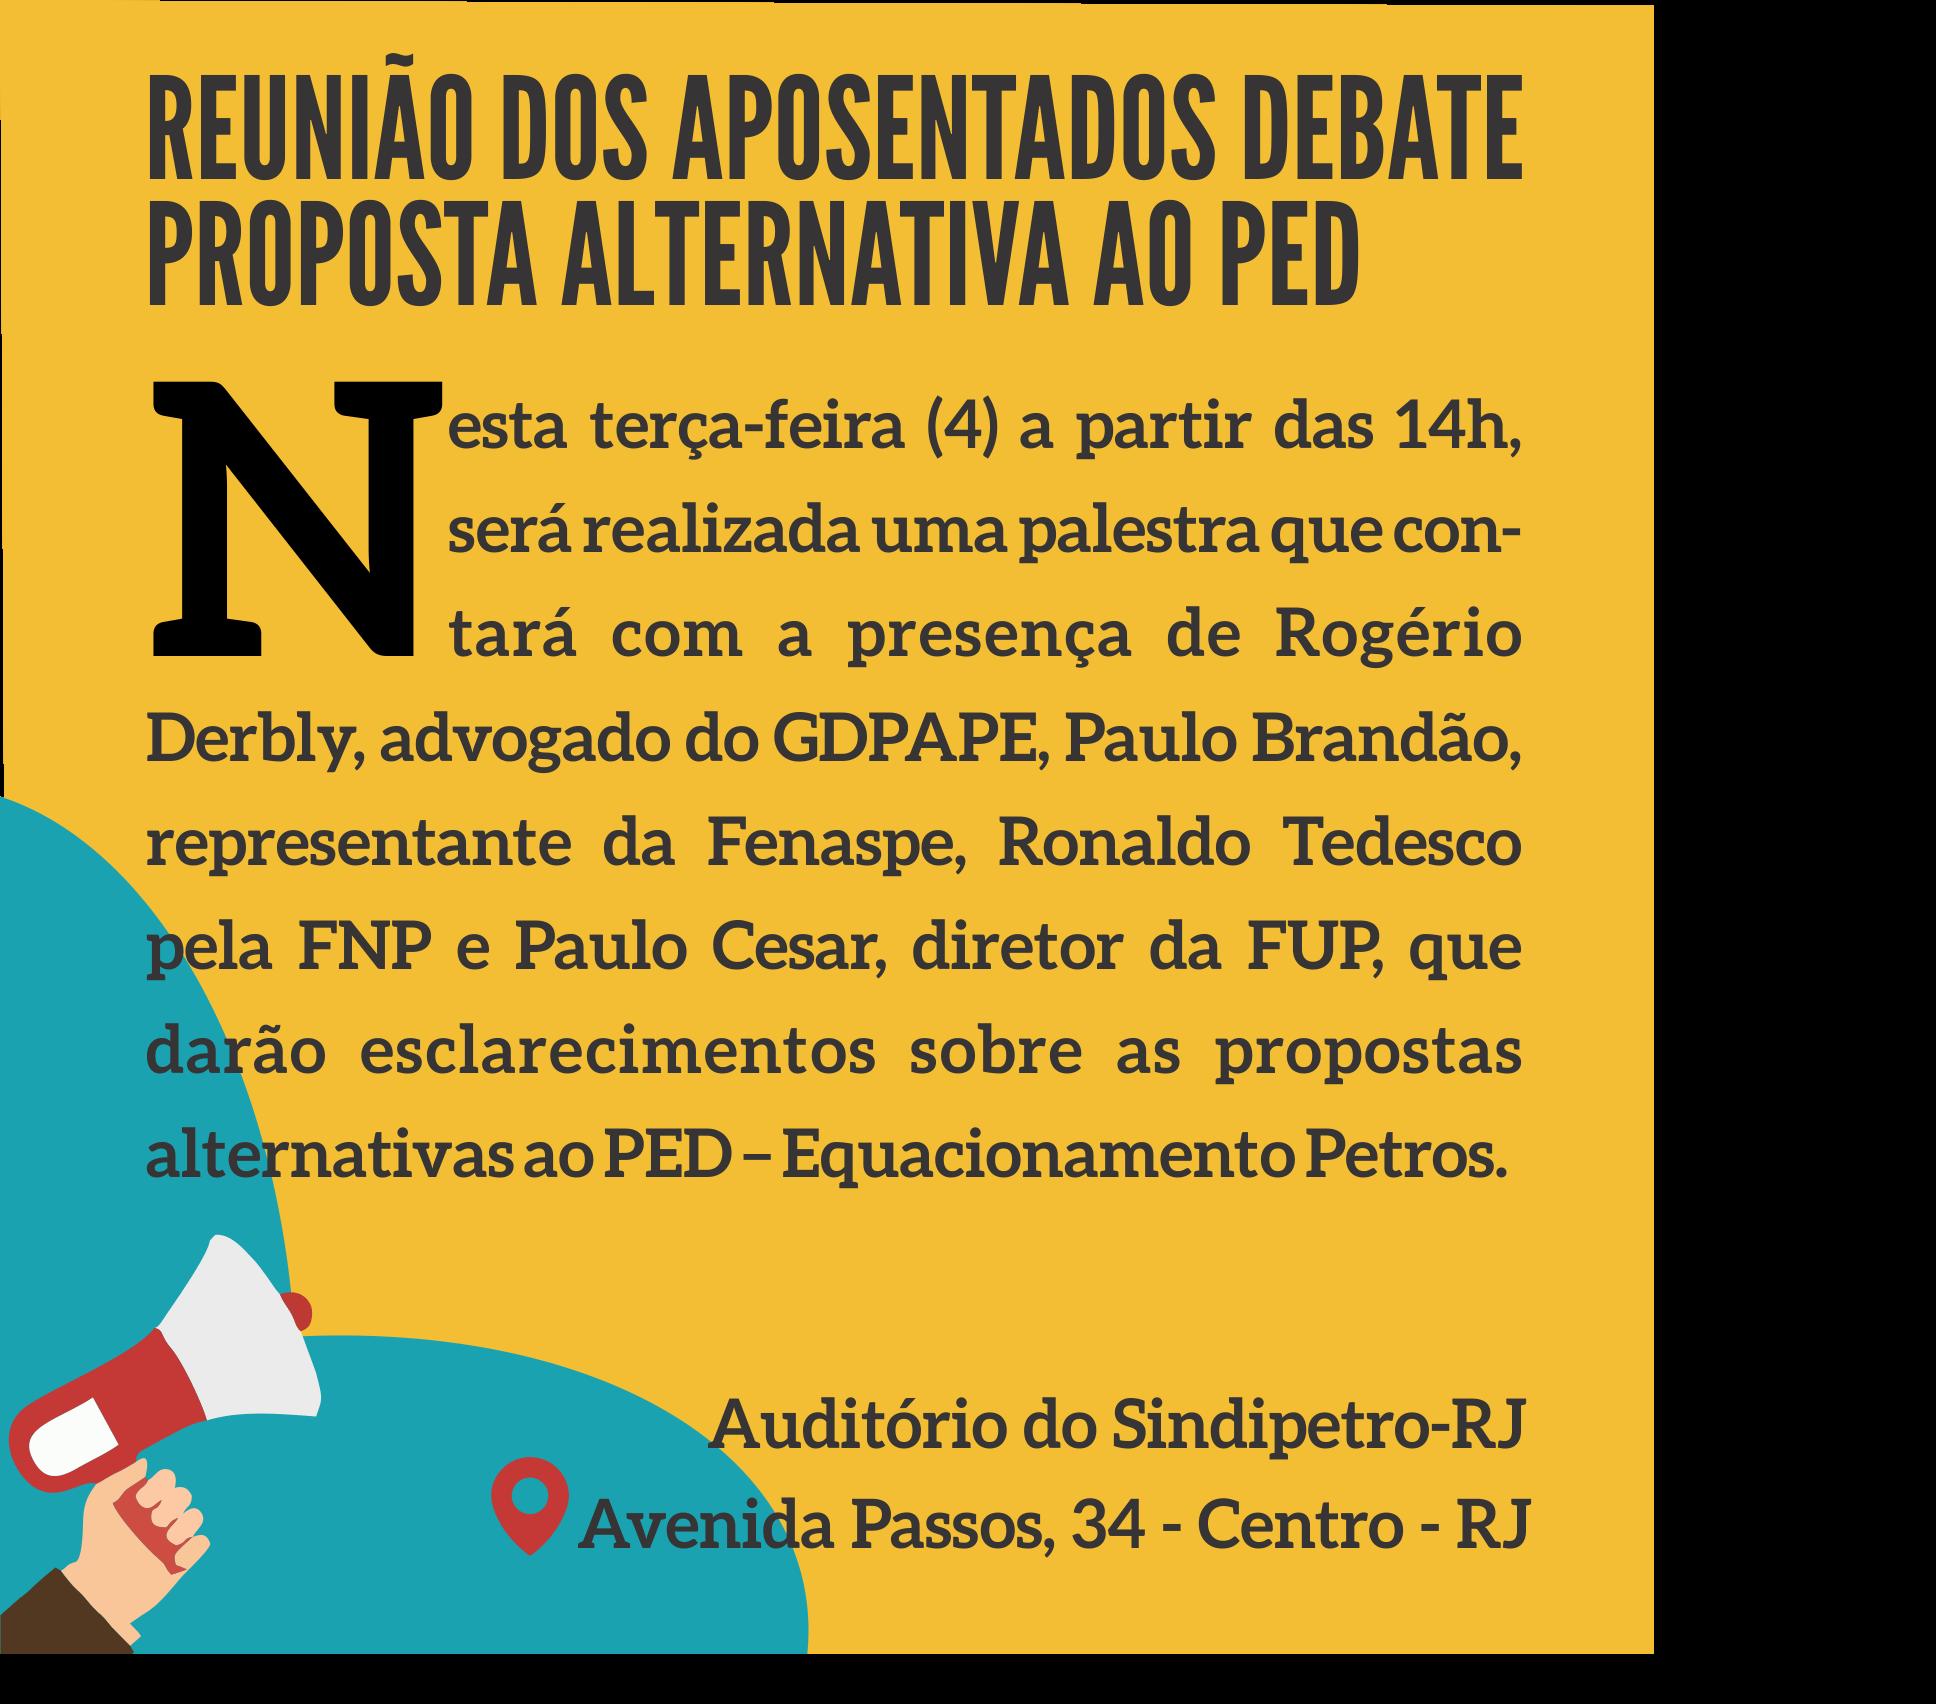 REUNIÃO DE APOSENTADOS DEBATE PROPOSTA ALTERNATIVA AO PED aposentados 1  Palestra: 1988, a greve na CSN aposentados 1